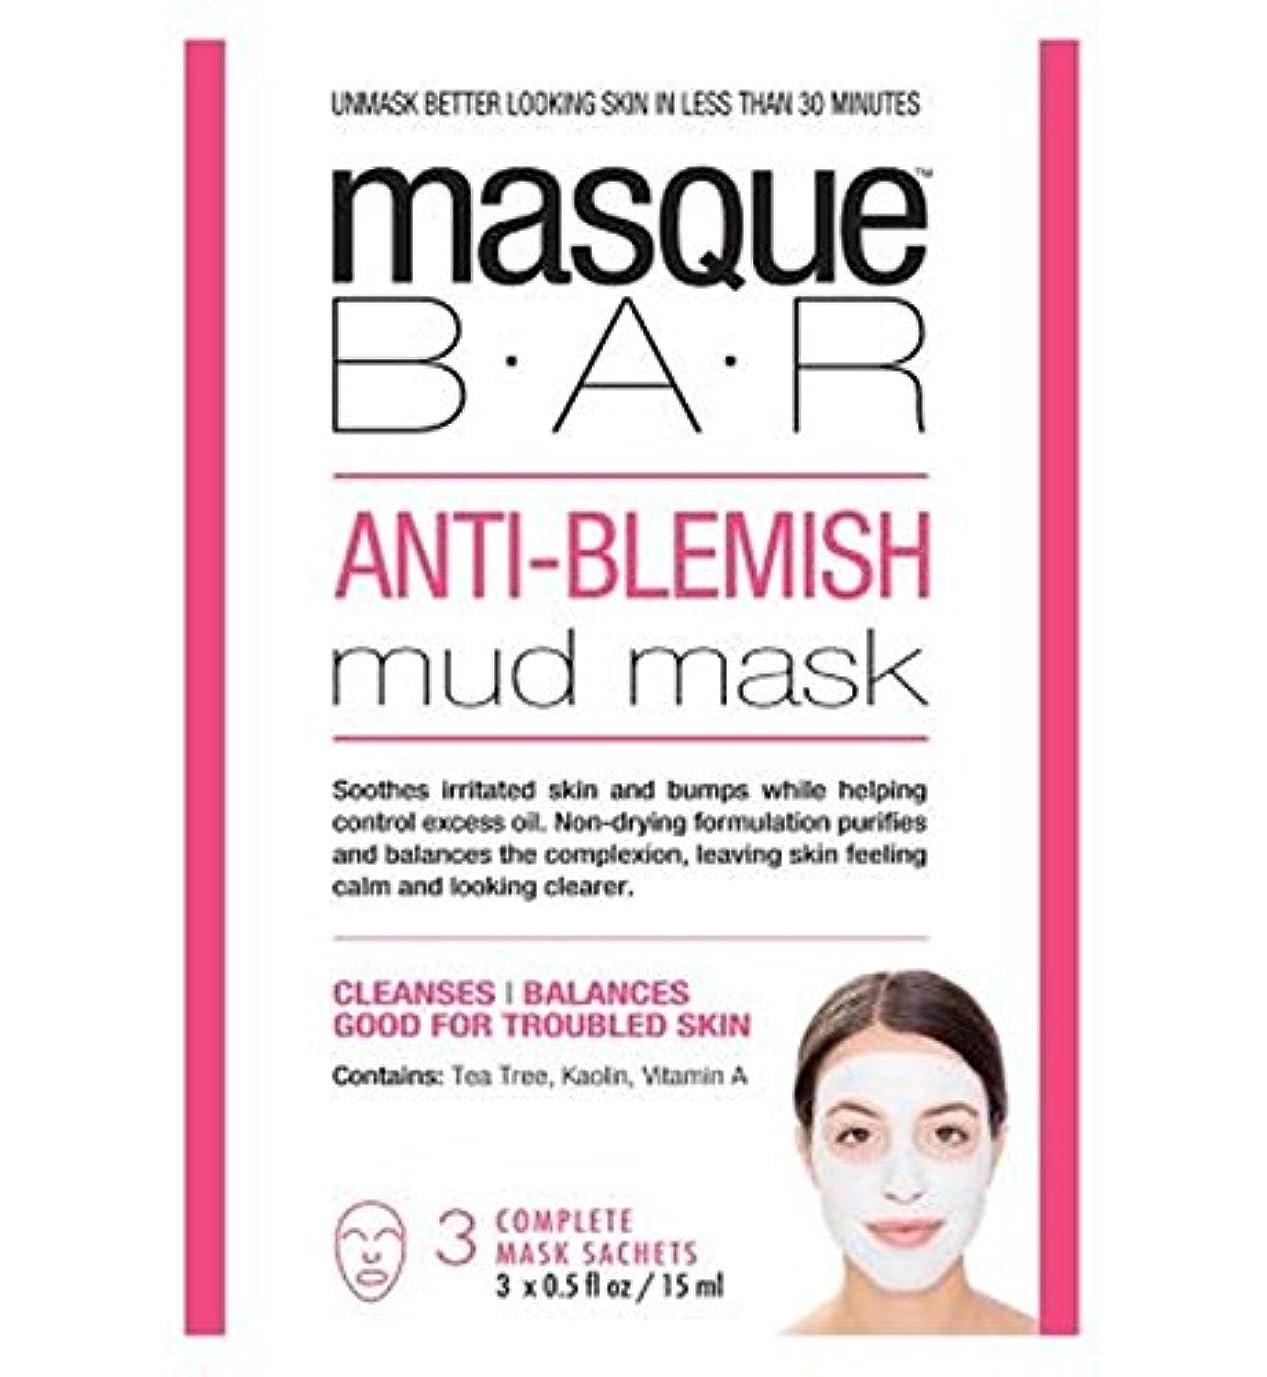 ドリンクオール地理仮面劇バー抗傷泥マスク - 3S (P6B Masque Bar Bt) (x2) - Masque Bar Anti-Blemish Mud Mask - 3s (Pack of 2) [並行輸入品]